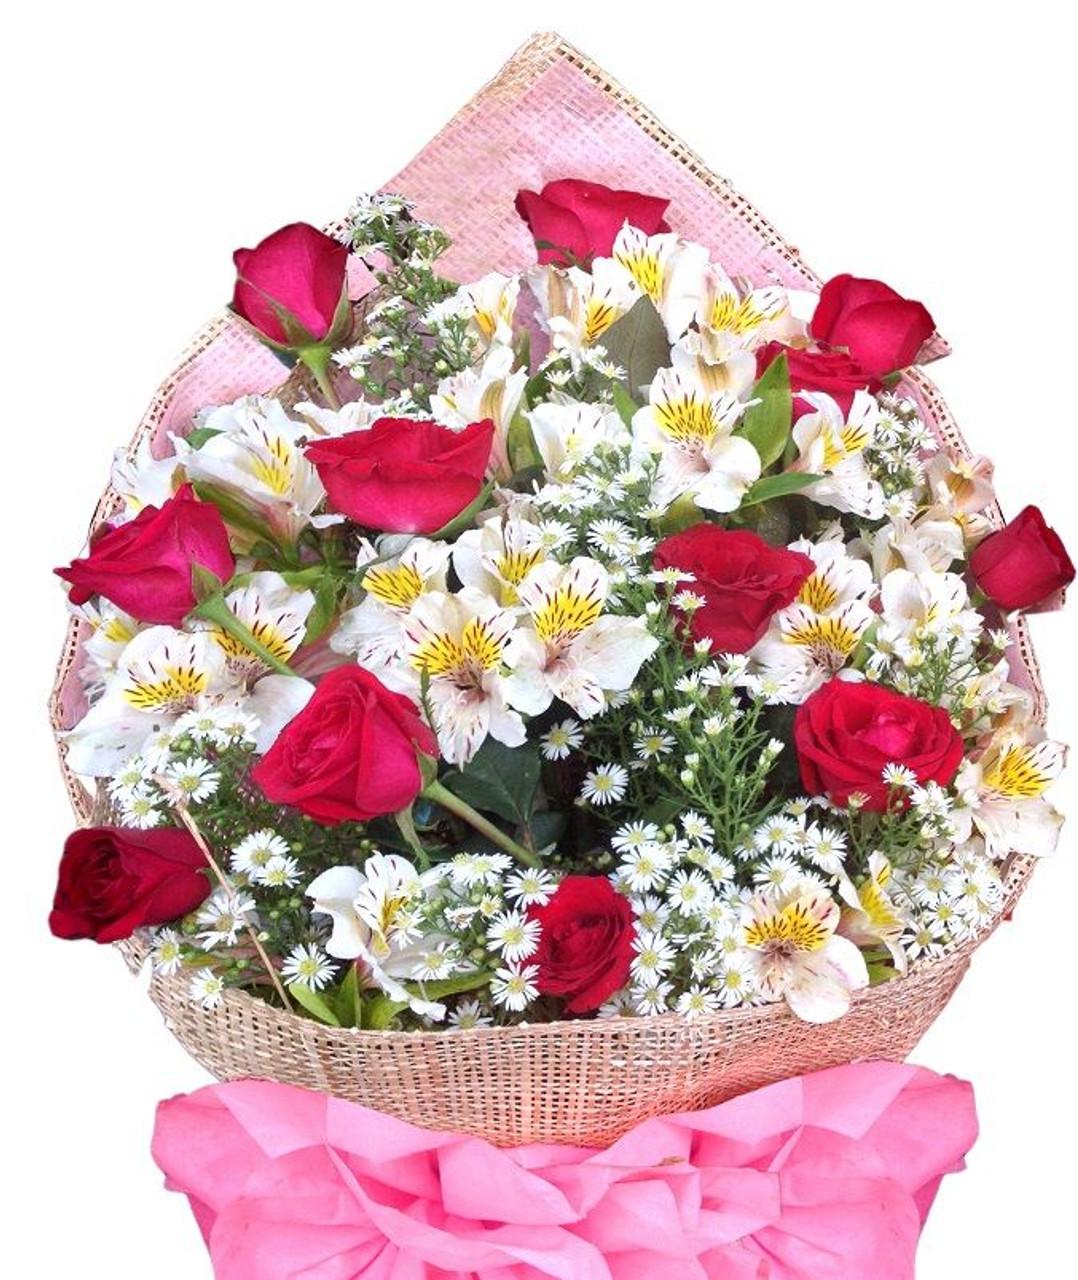 Dozen Roses & Peruvian lilies bouquet - BEST SELLER!